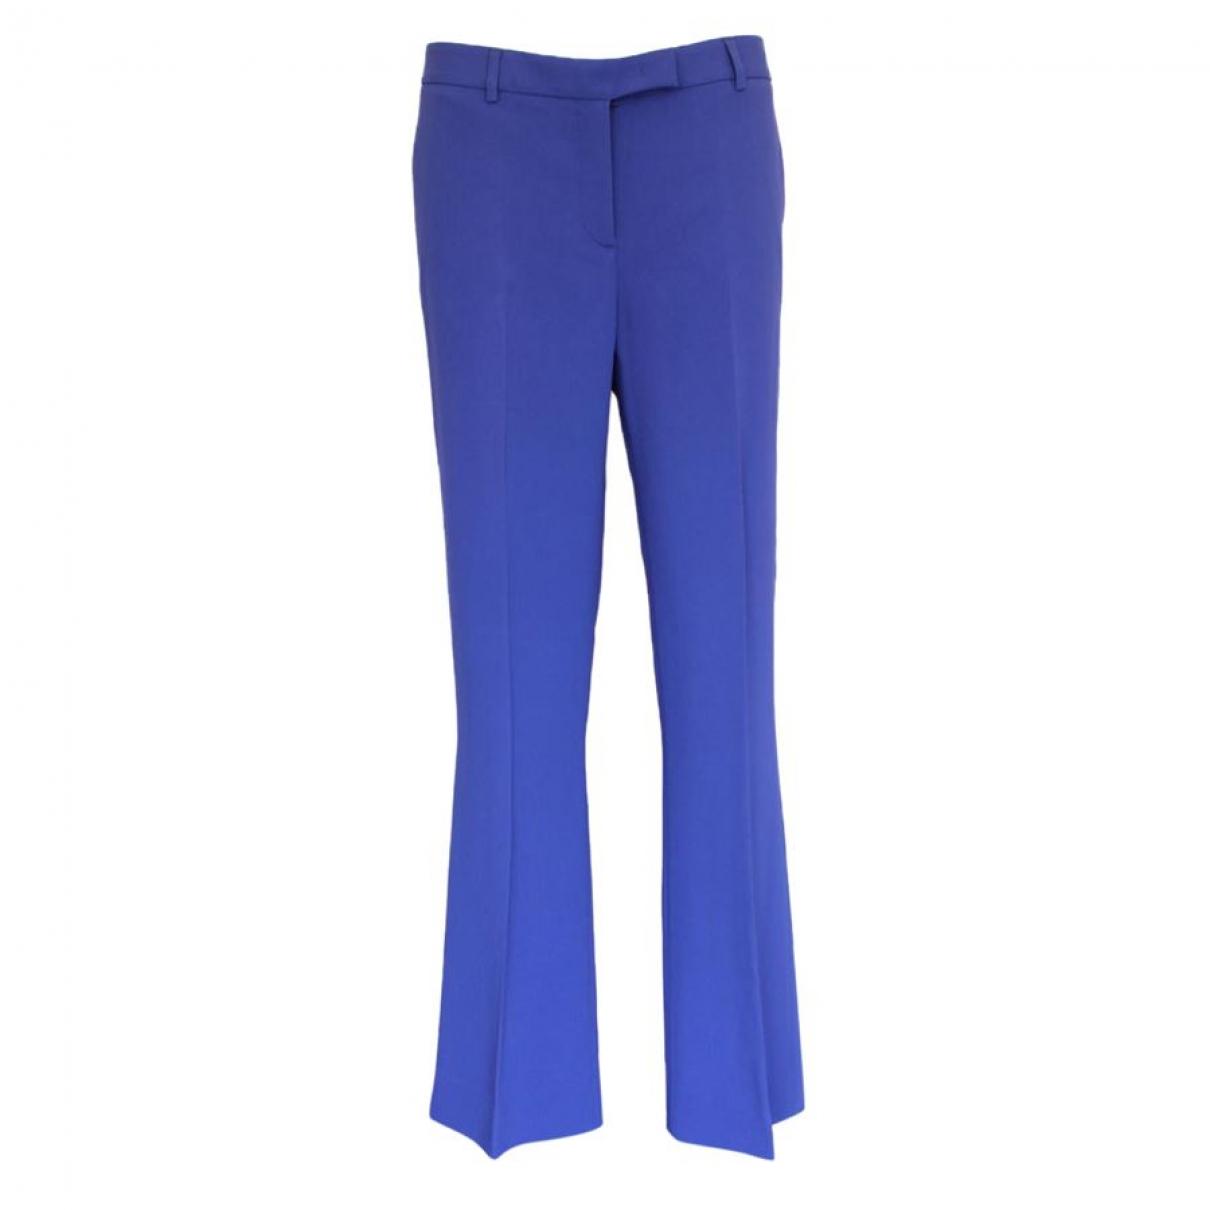 Pantalon en Viscosa Azul Non Signe / Unsigned